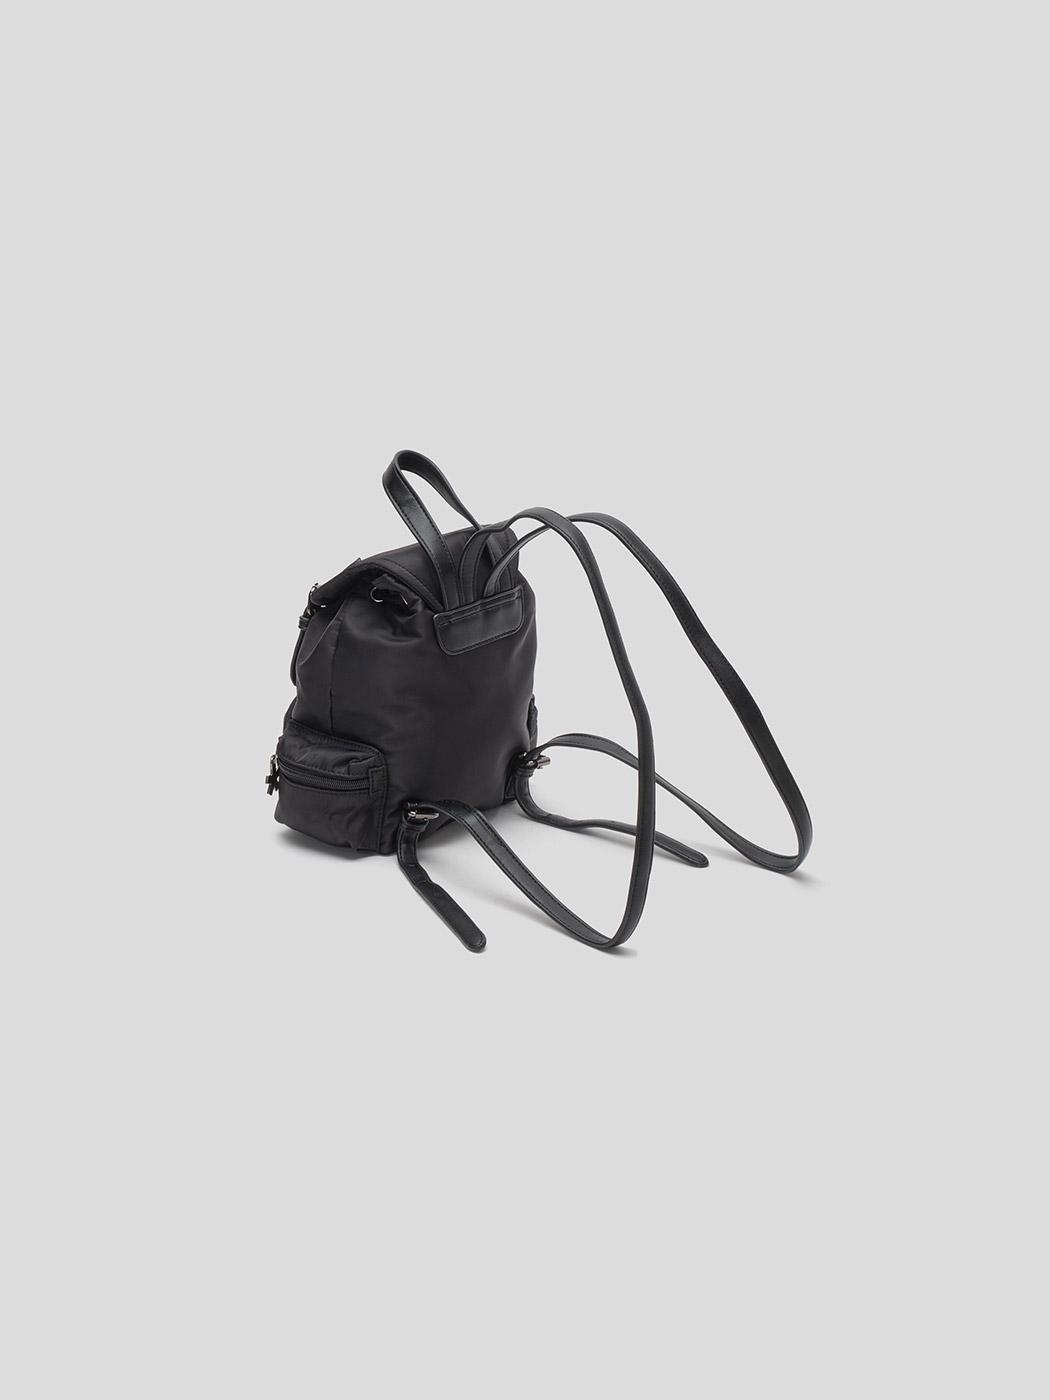 BACKPAK - CDFA563 - COMME DES FKDOWN